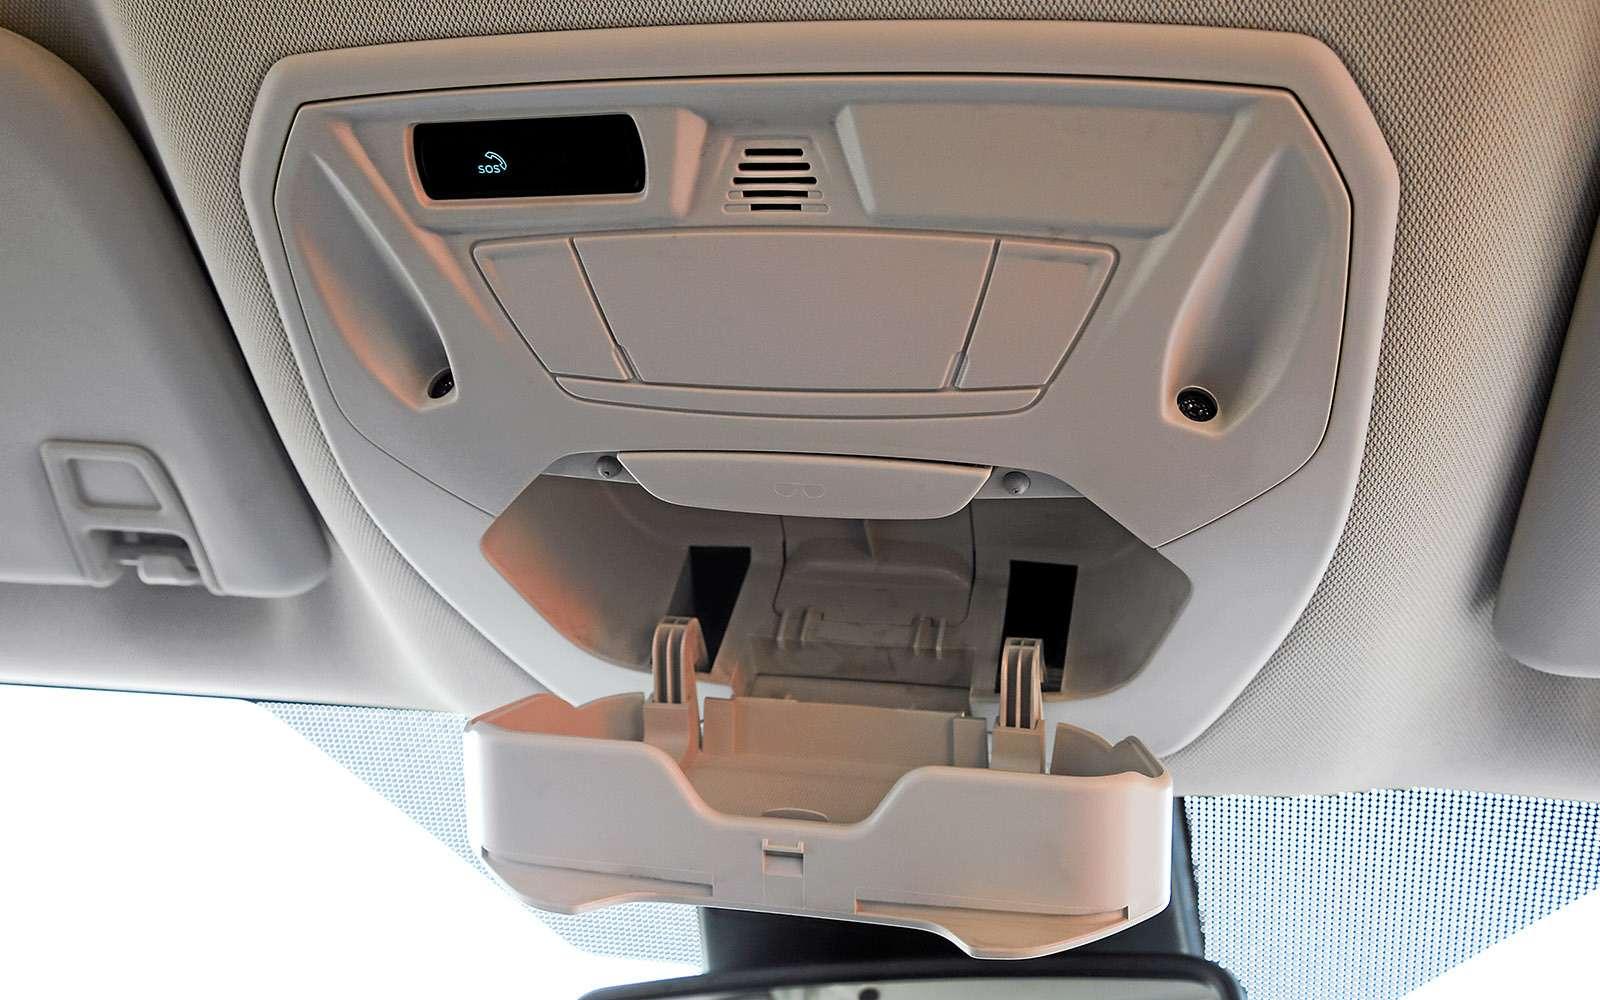 Обновленный Ford Kuga российской сборки: мыпоездили нанем первыми!— фото 674485